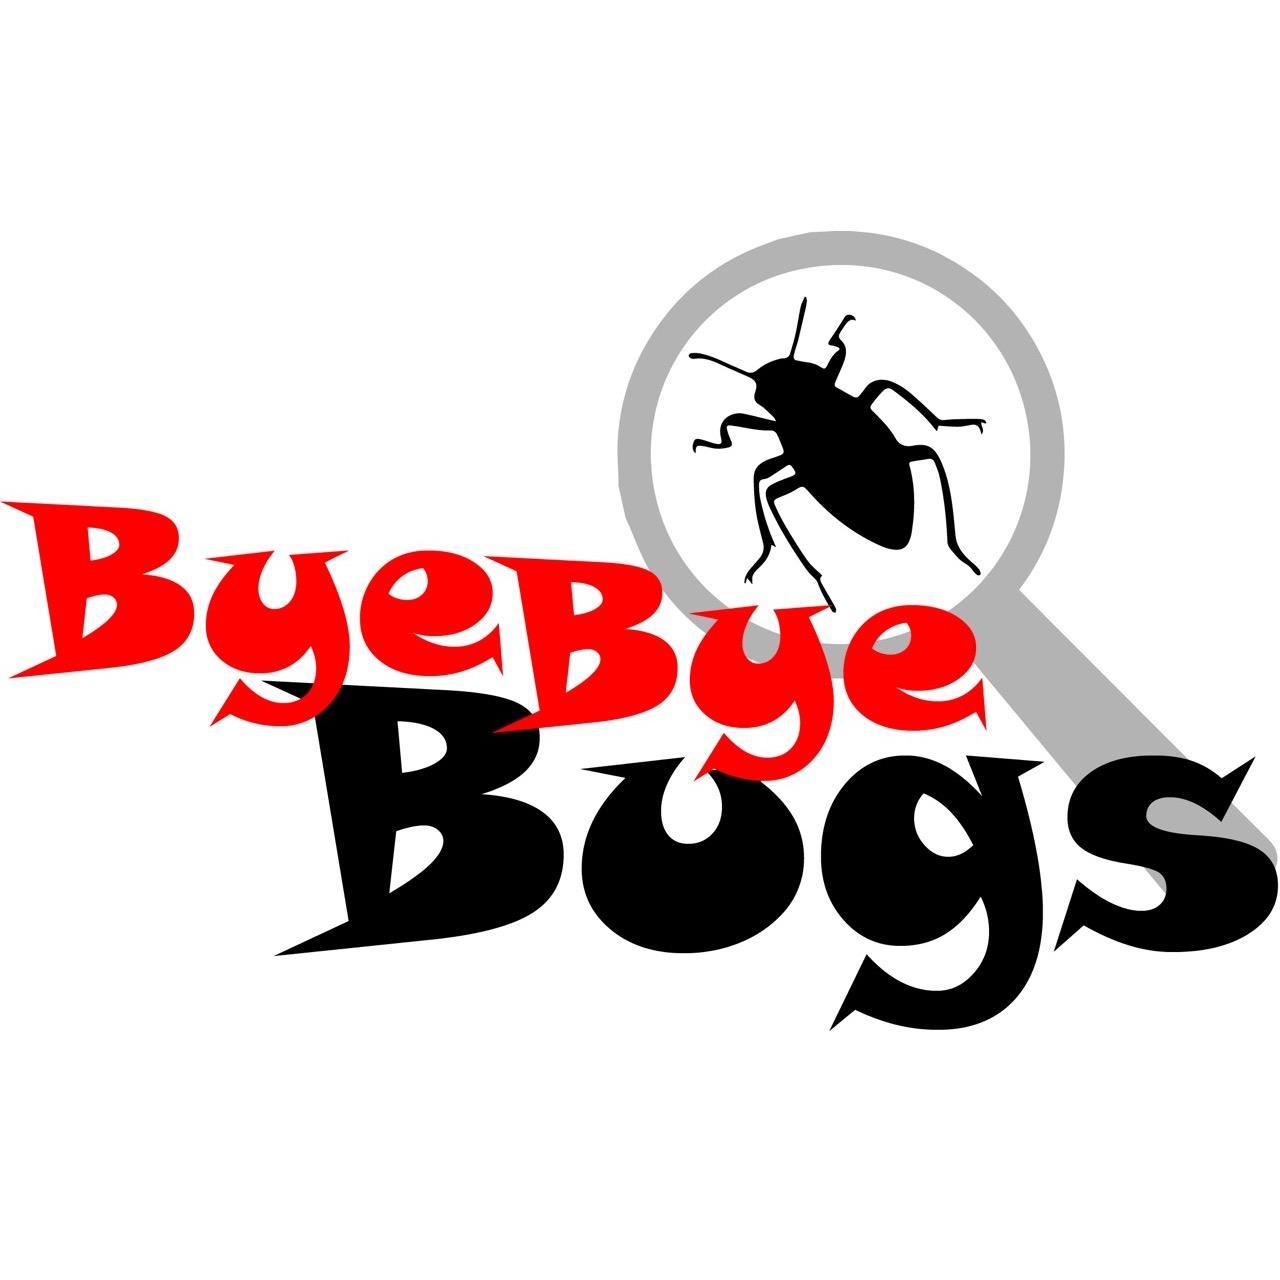 Bye Bye Bugs image 5